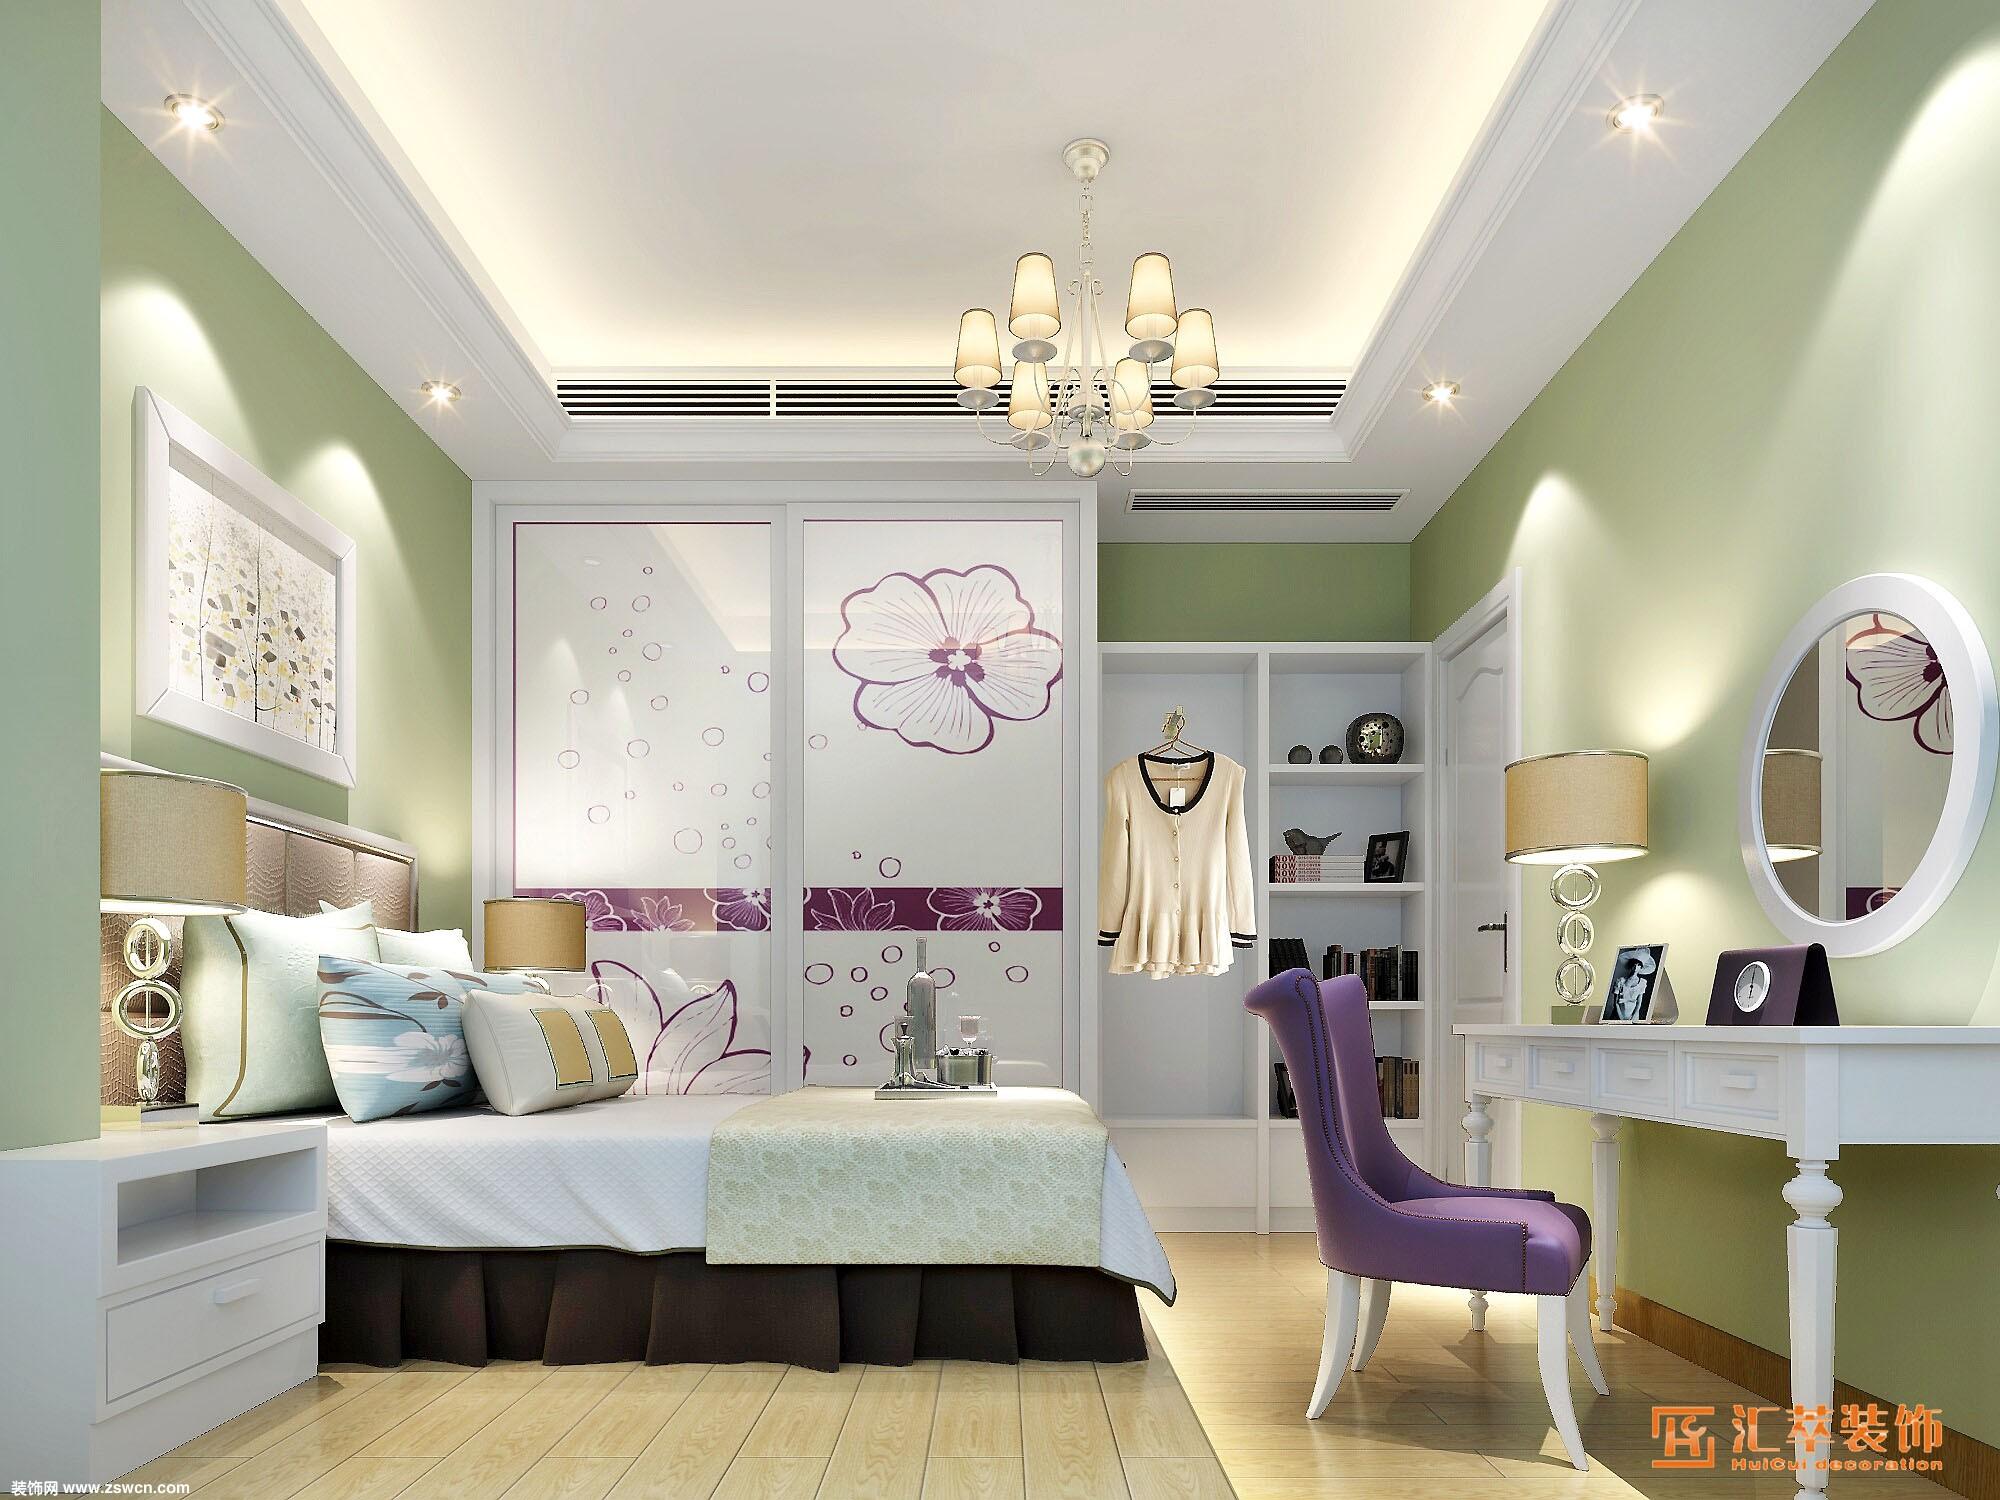 欧式风格金鹏花园张小姐雅居 - 卧室装修设计 卧室图